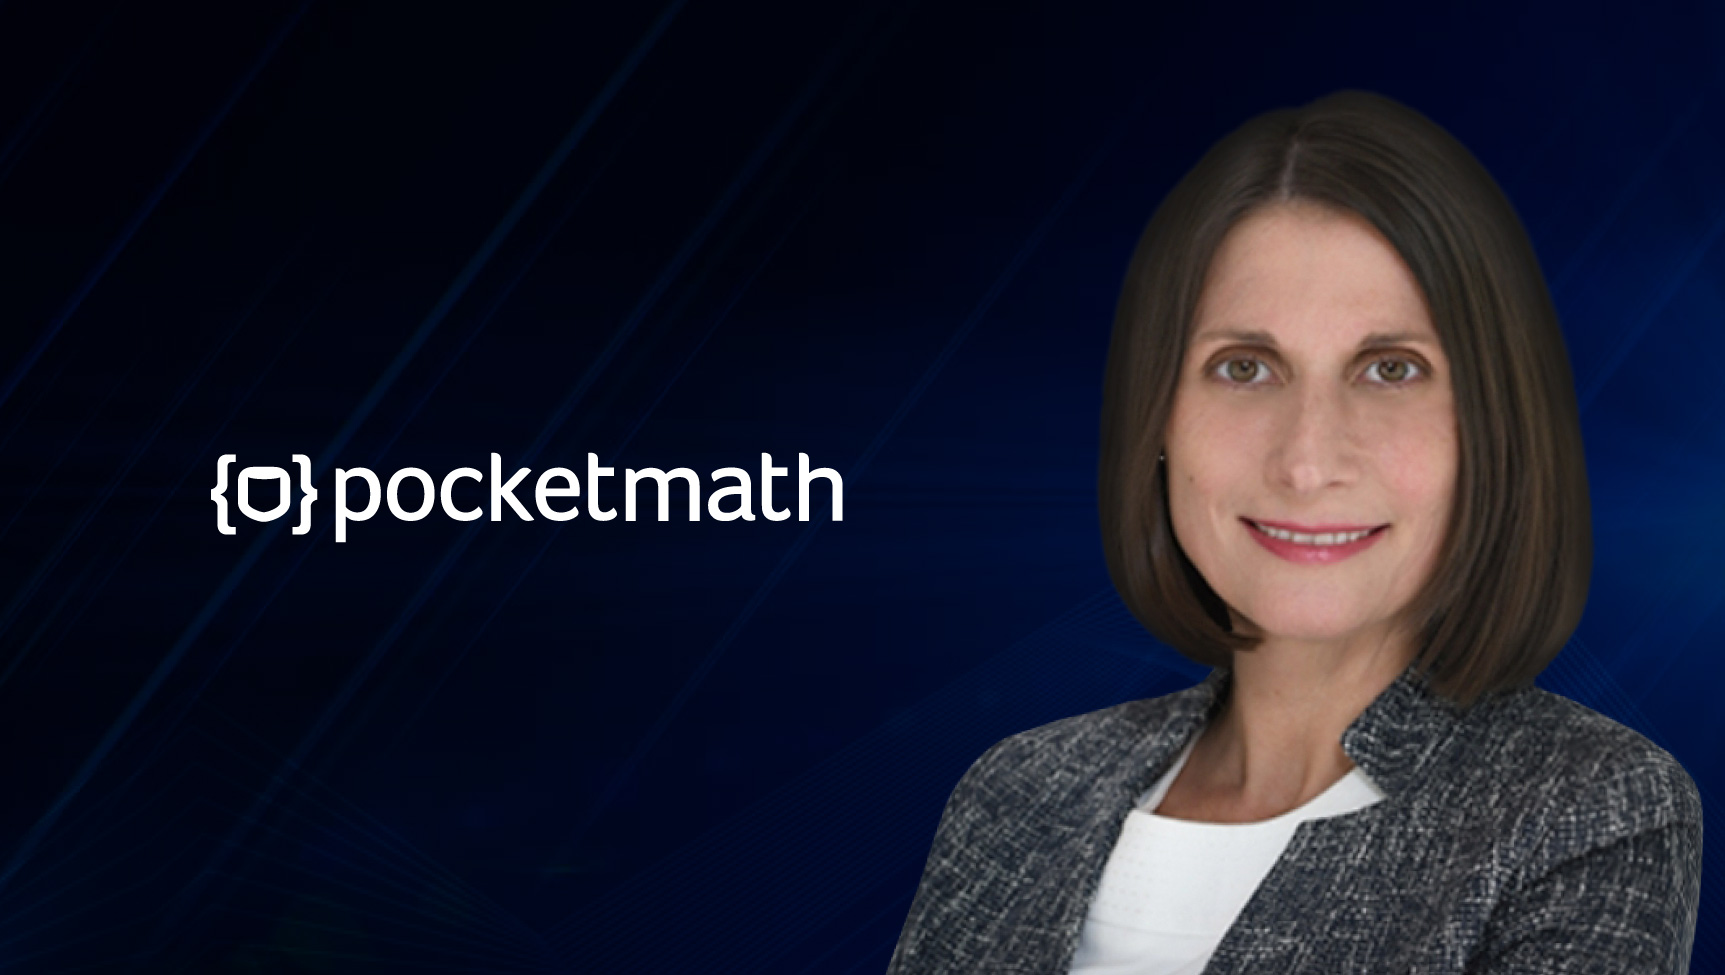 SalesTech Interview with Joanne Joynson-Hewlett, CEO at Pocketmath